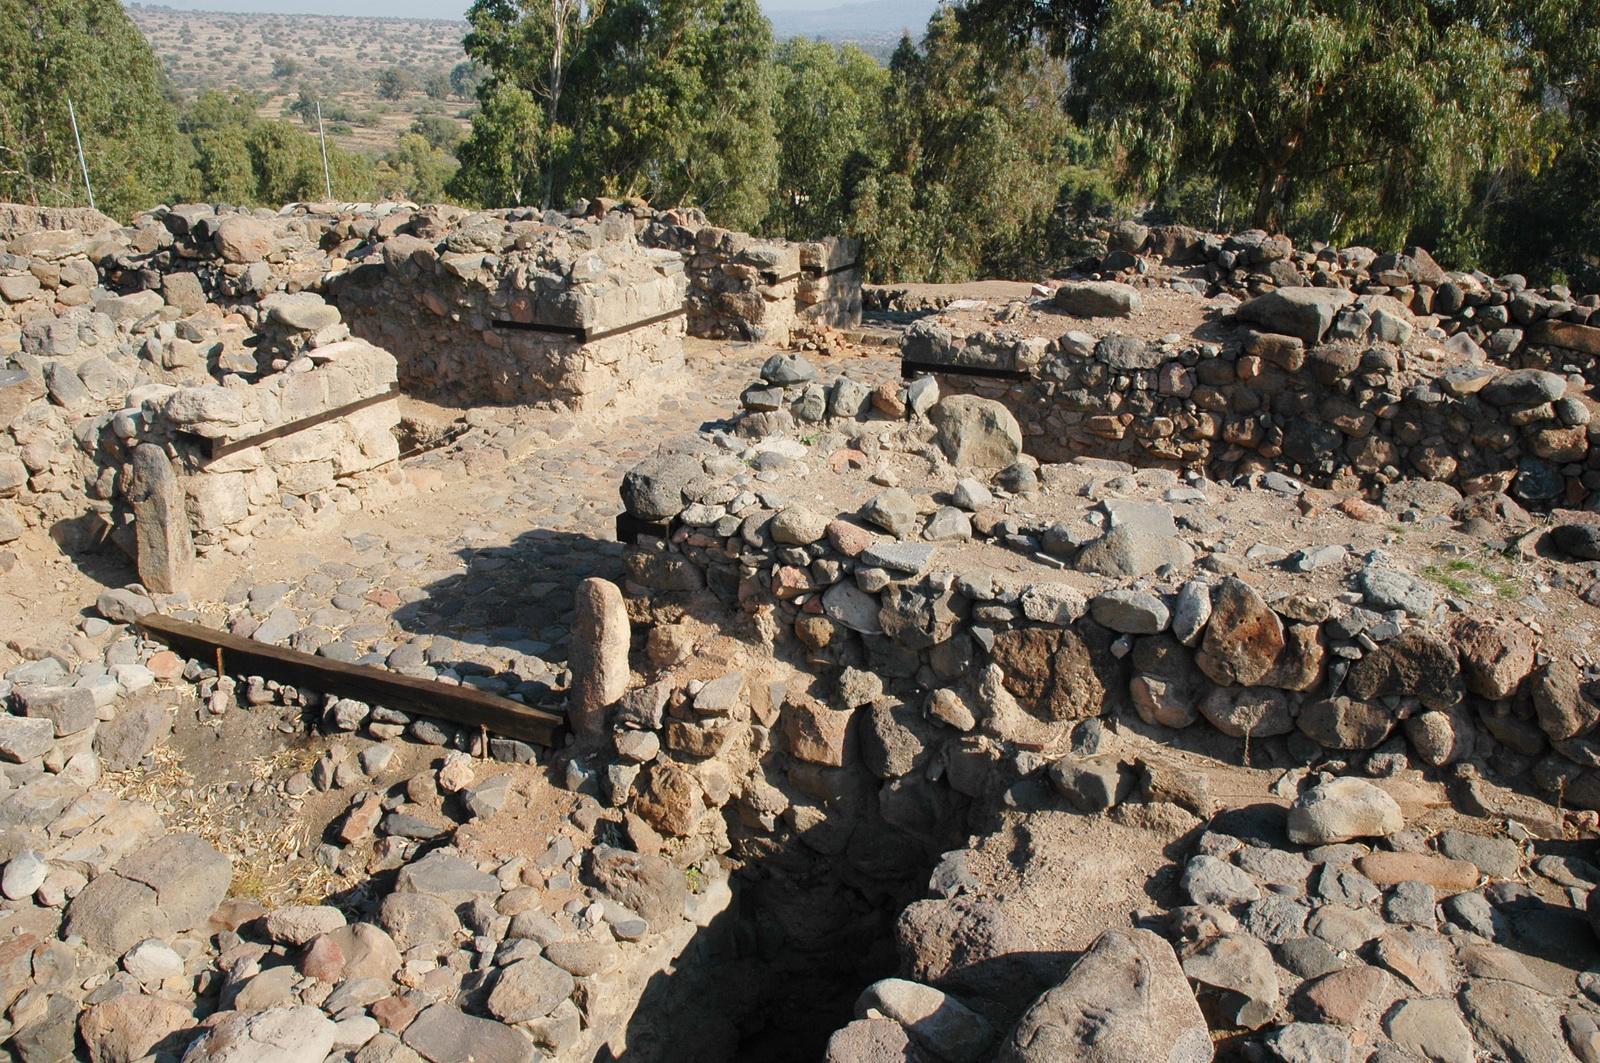 גליל עליון - בית צידה - עיר משלהי התק' הרומית בפארק הירדן - שער העיר